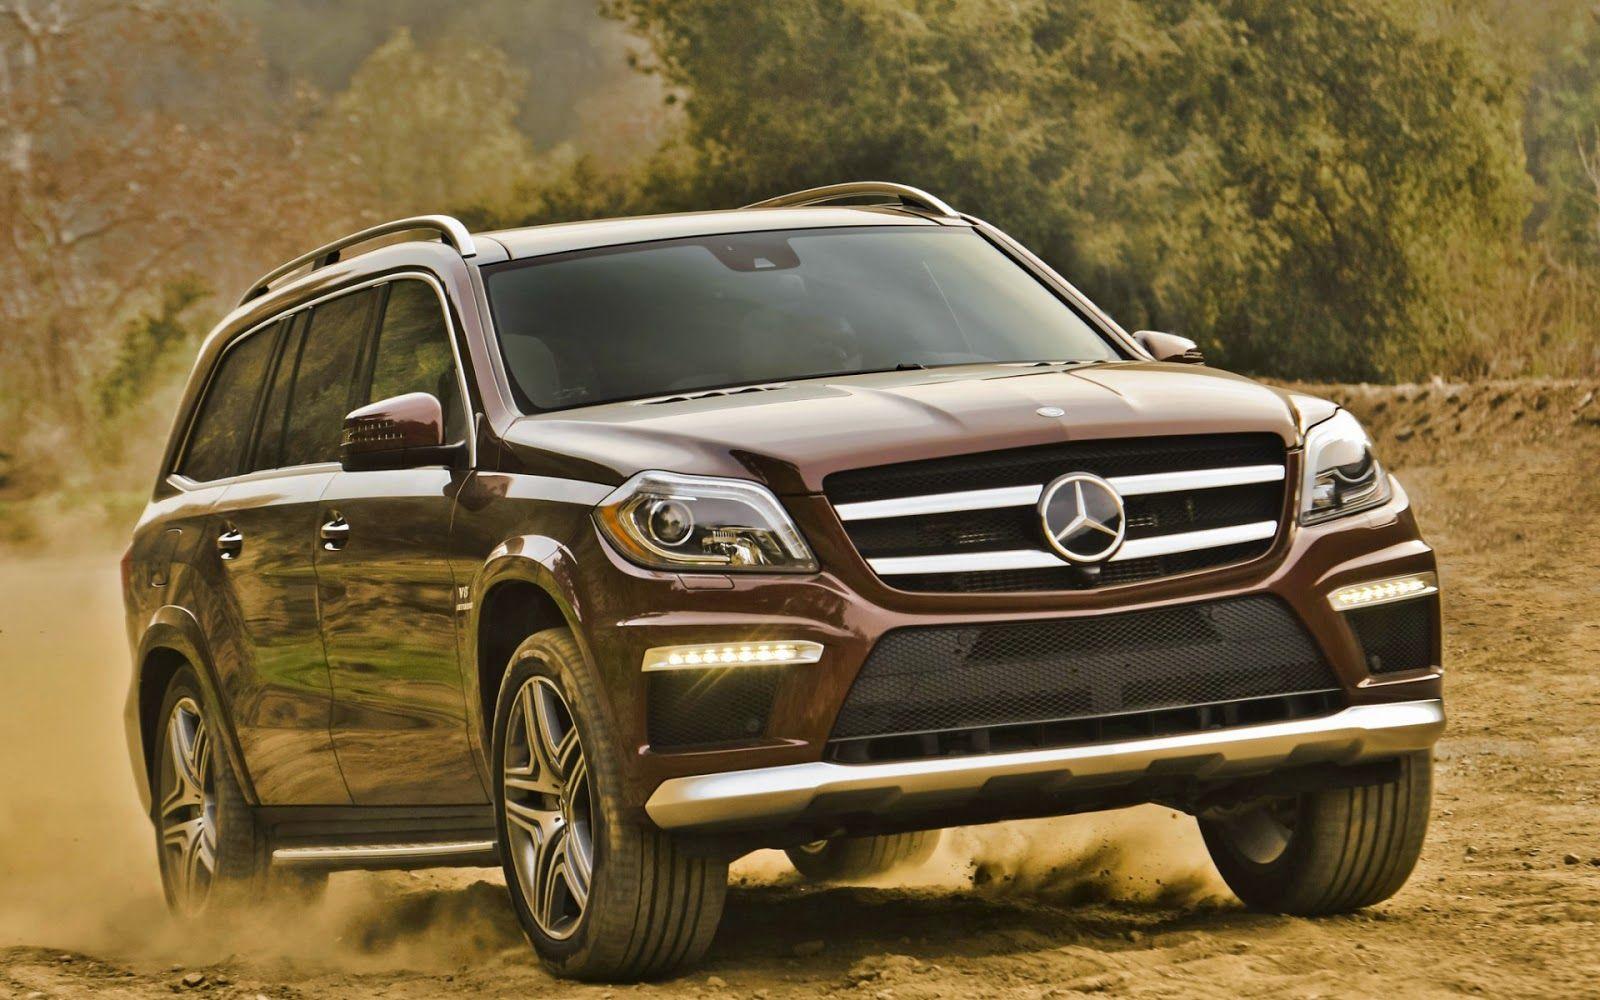 Mercedes Benz Hd Wallpaper Mercedes Benz Gl Mercedes Suv Suv